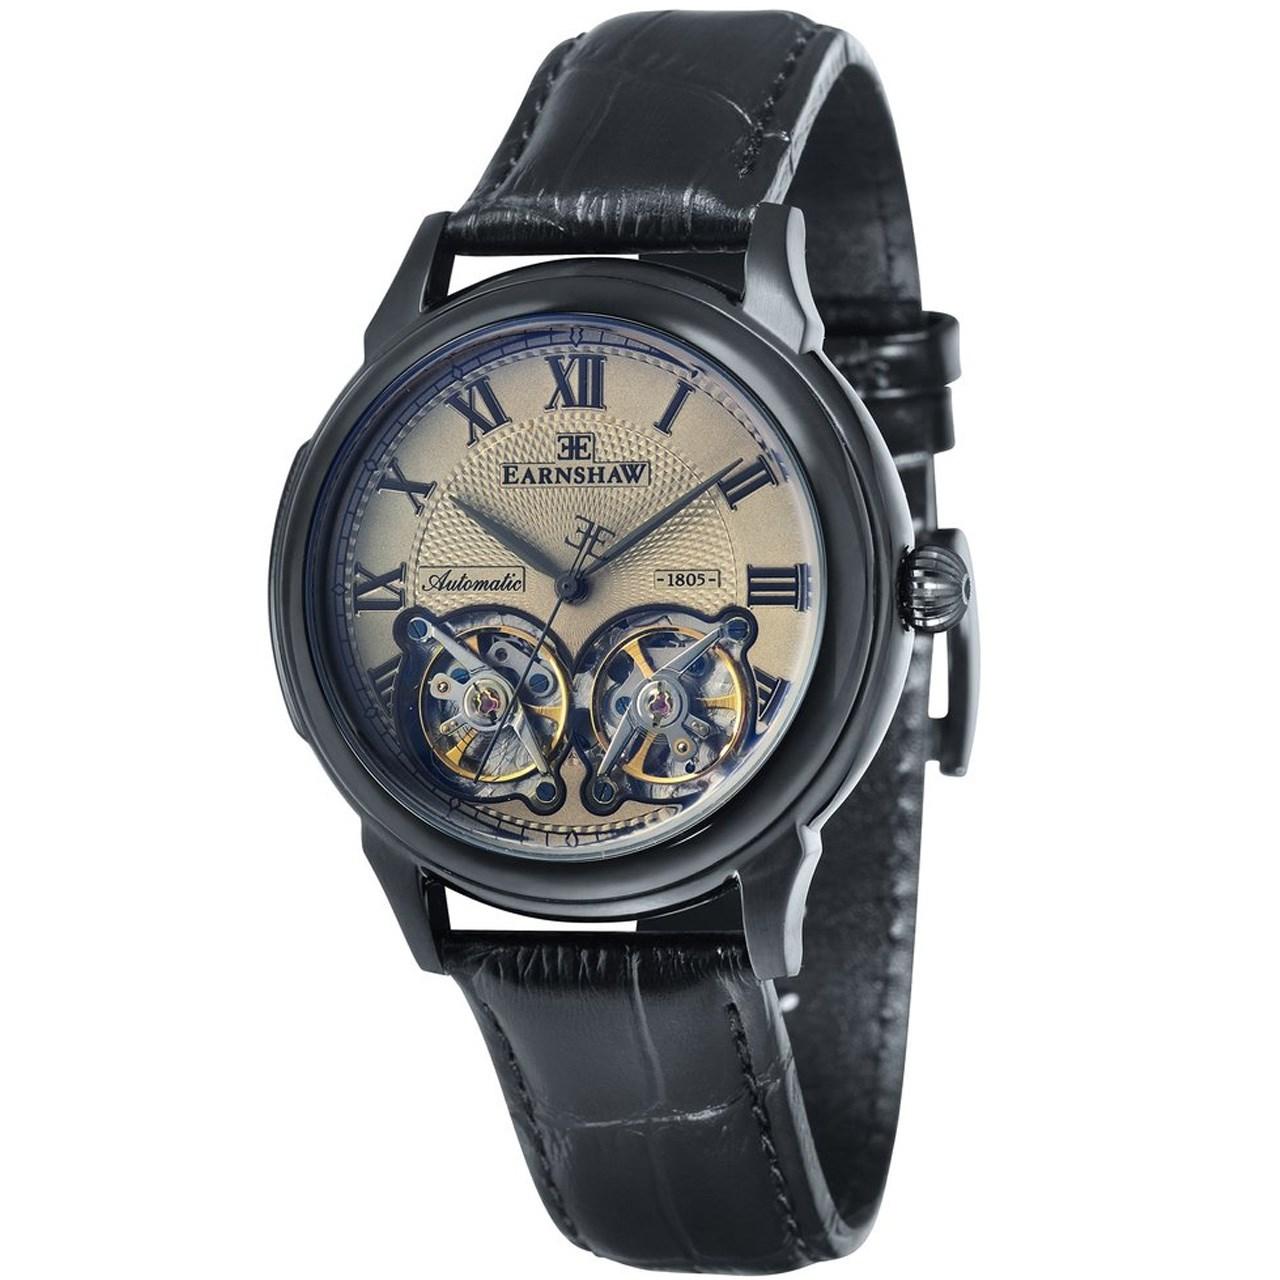 ساعت مچی عقربه ای مردانه ارنشا مدل ES-8030-06